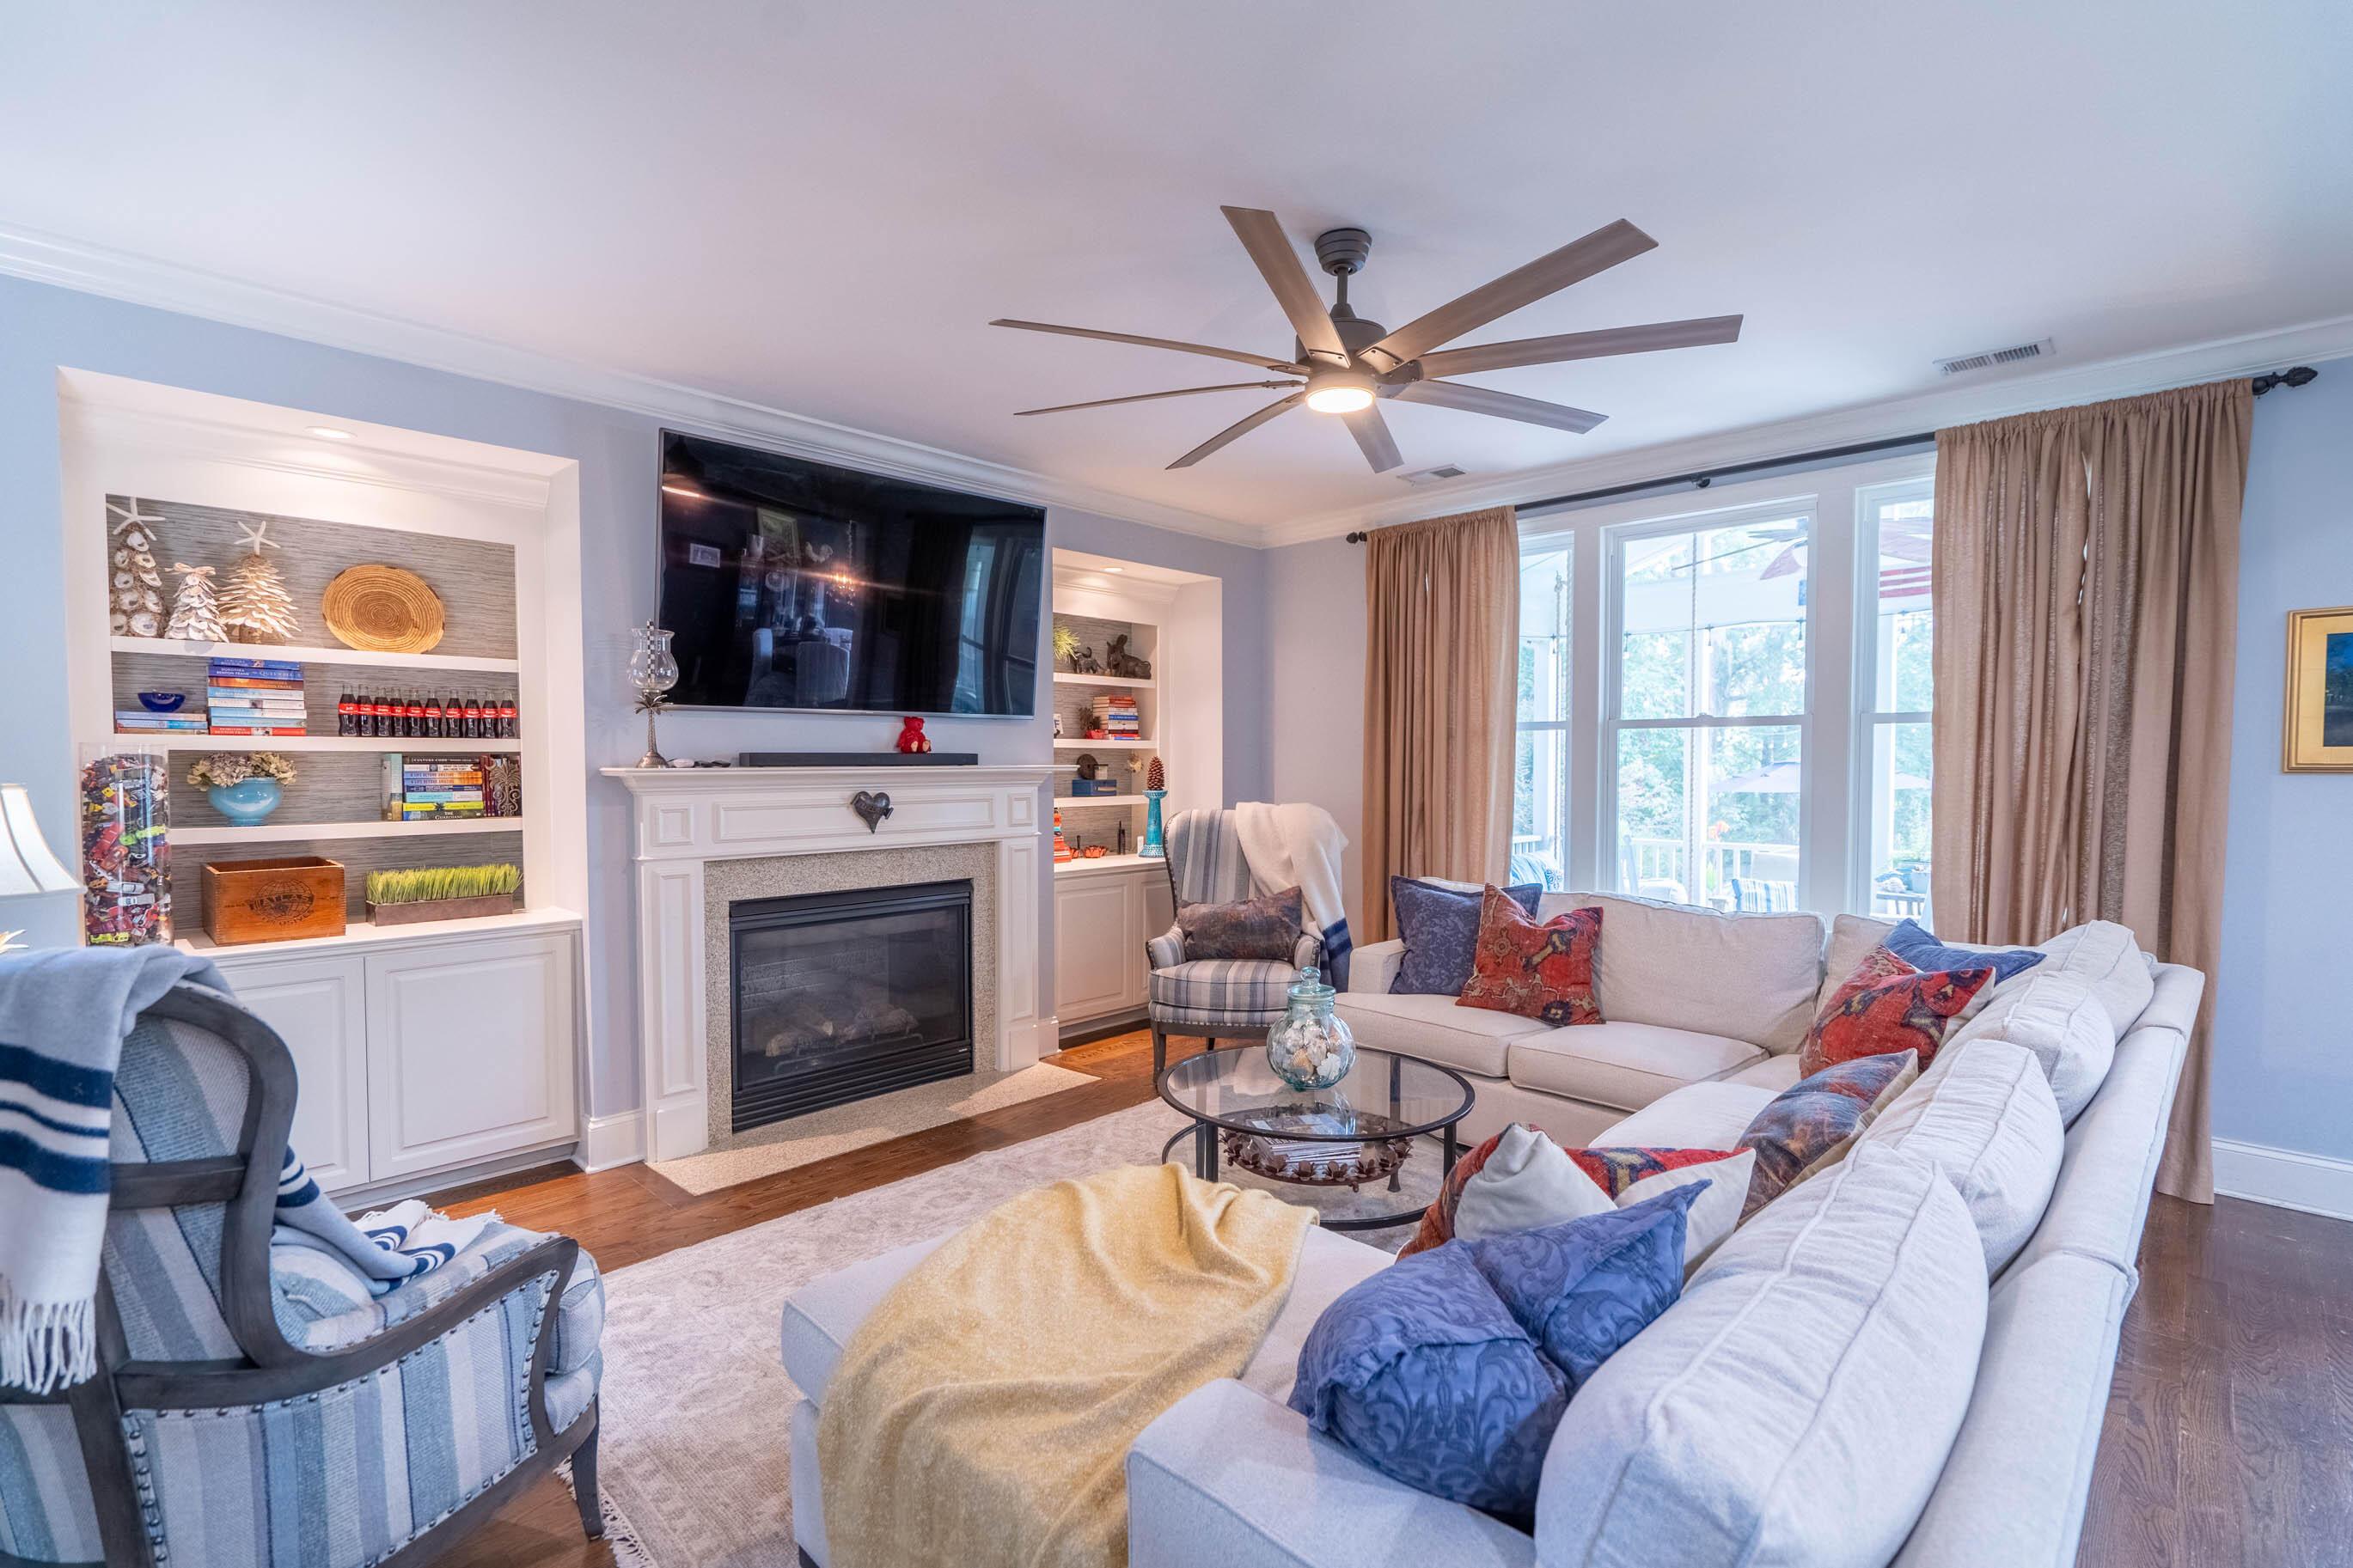 Dunes West Homes For Sale - 2997 Sturbridge, Mount Pleasant, SC - 5